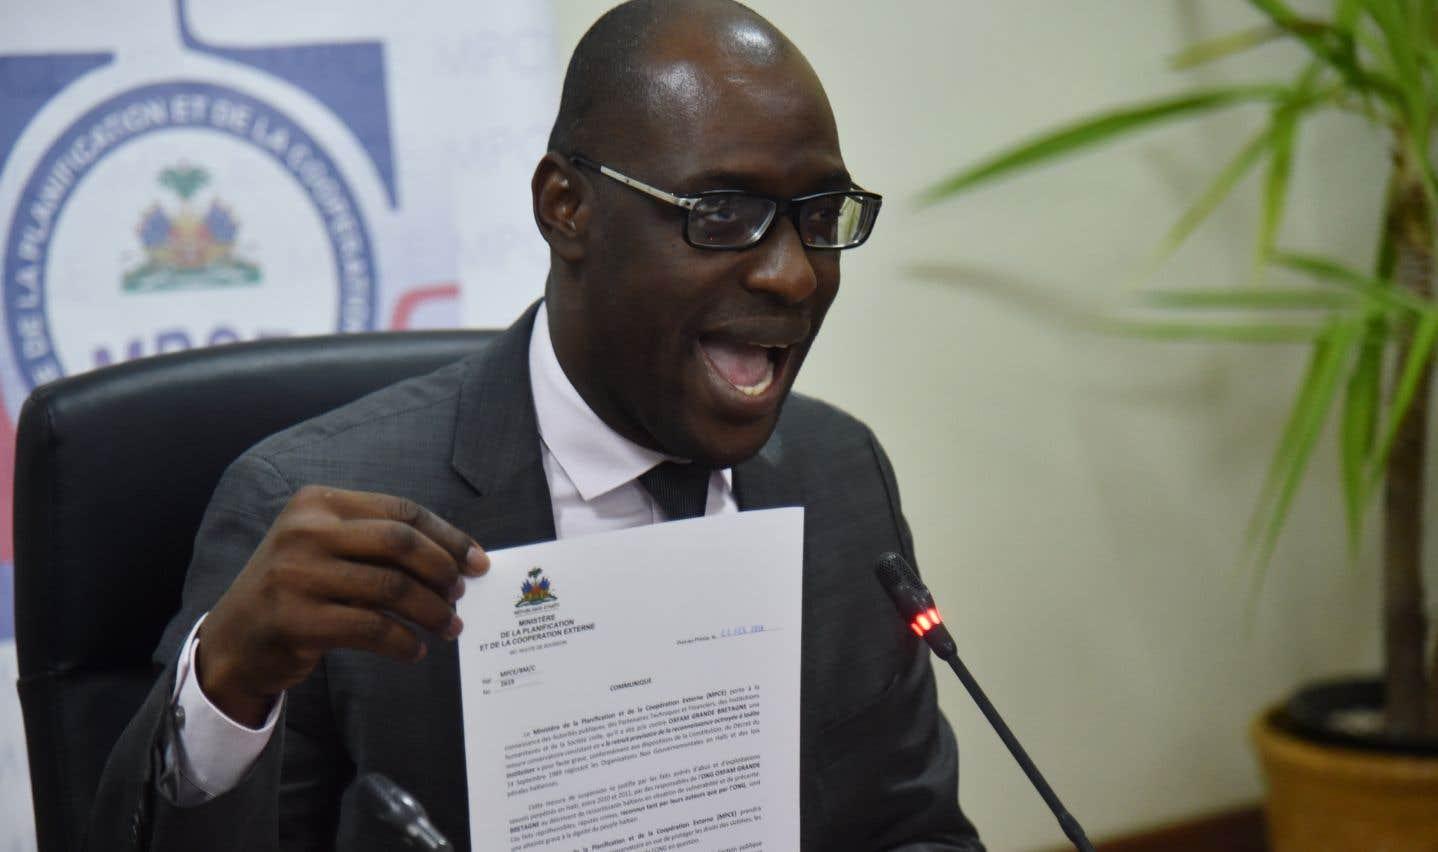 «Haïti n'est plus cette république d'ONG», a déclaré Aviol Fleurant, ministre haïtien de la Planification et de la Coopération externe.